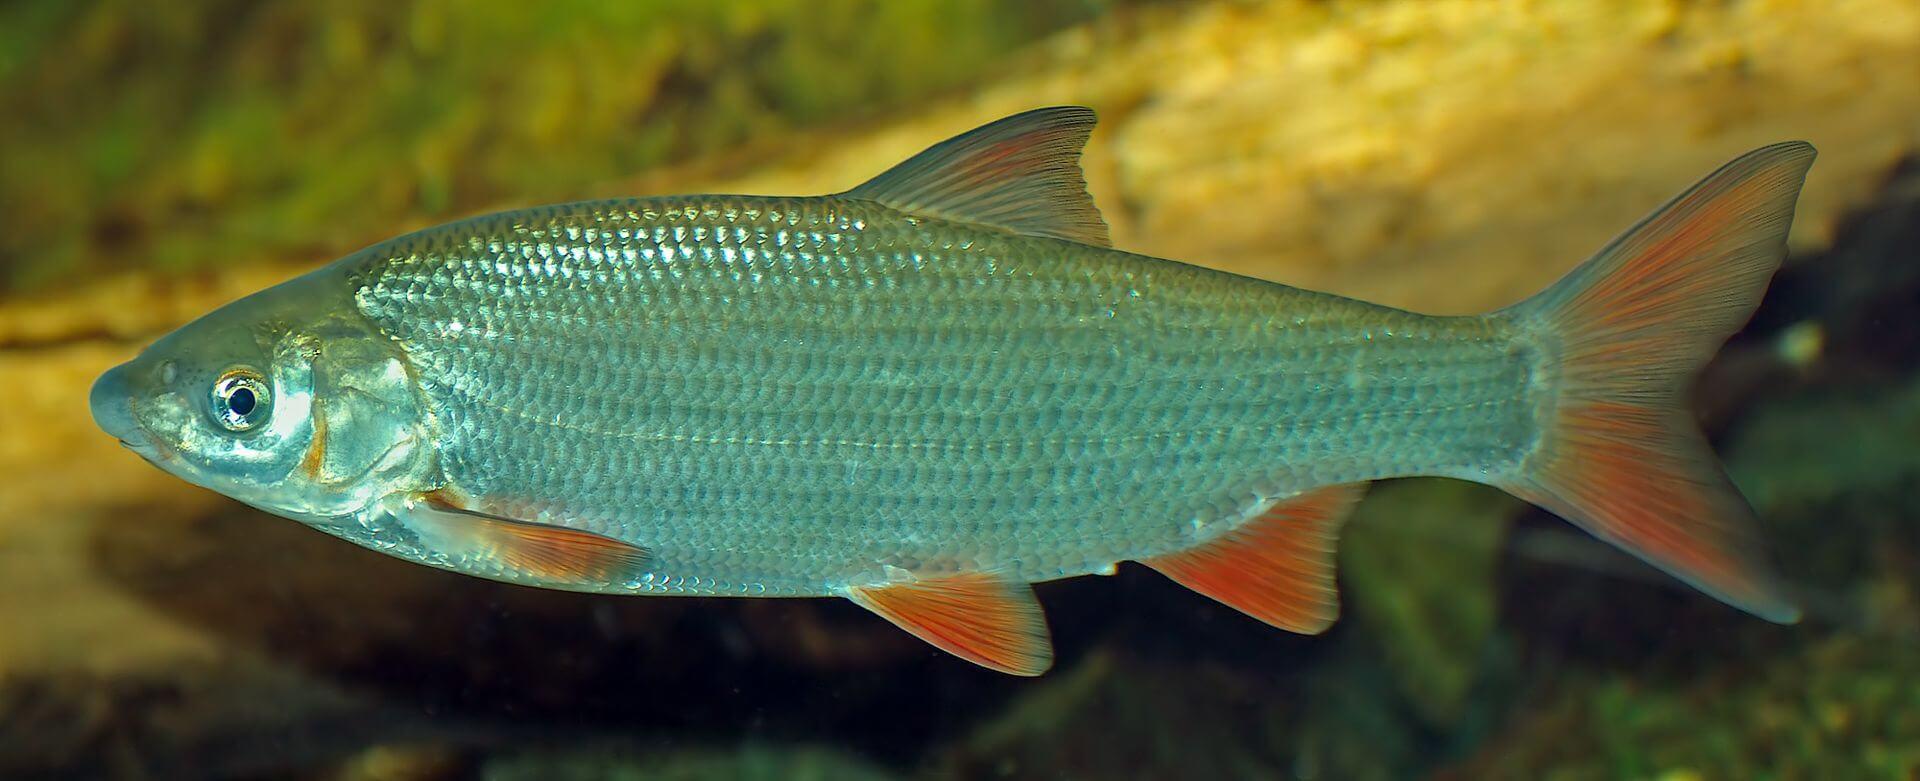 Bedrohter Fisch Nase braucht Rheinaufweitungen